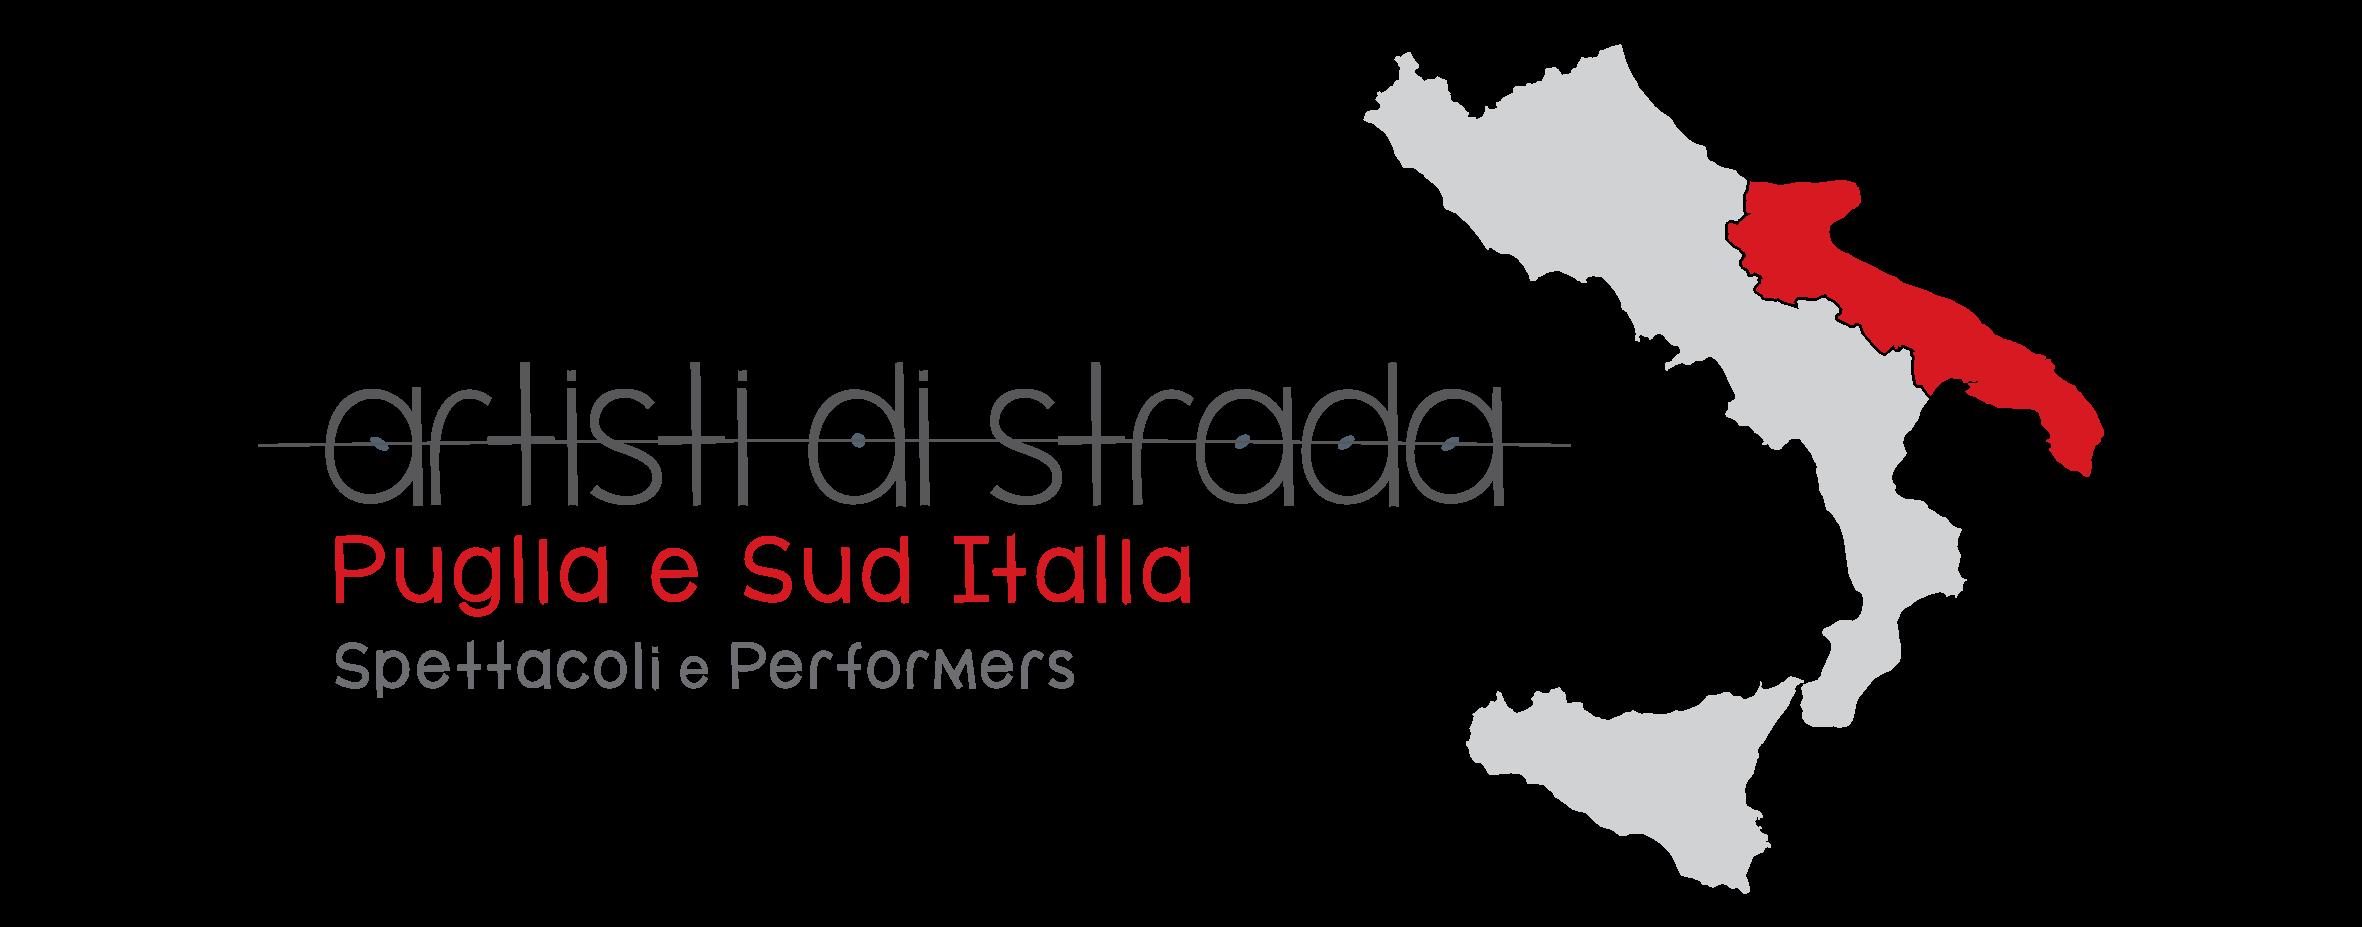 Artisti di strada Puglia - e Sud Italia ( Performer & Spettacoli )